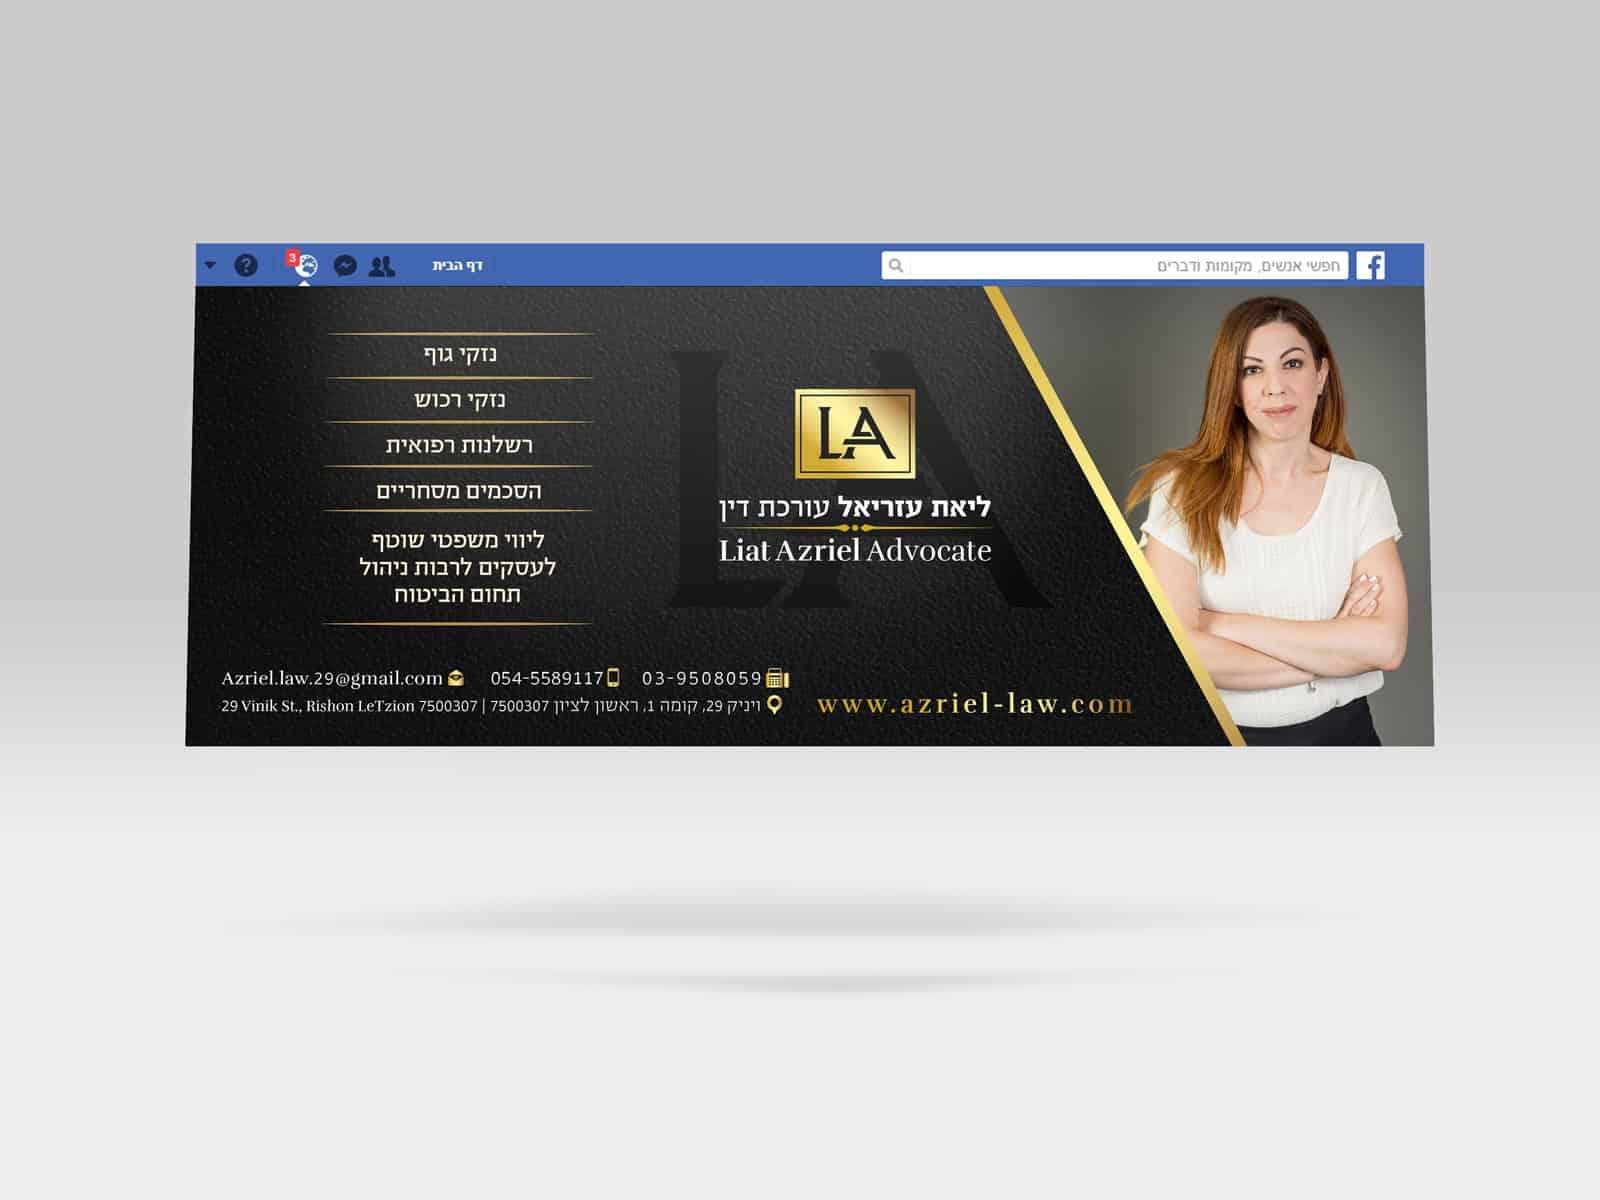 עיצוב יוקרתי לפייסבוק לעורכת-דין ליאת עזריאל